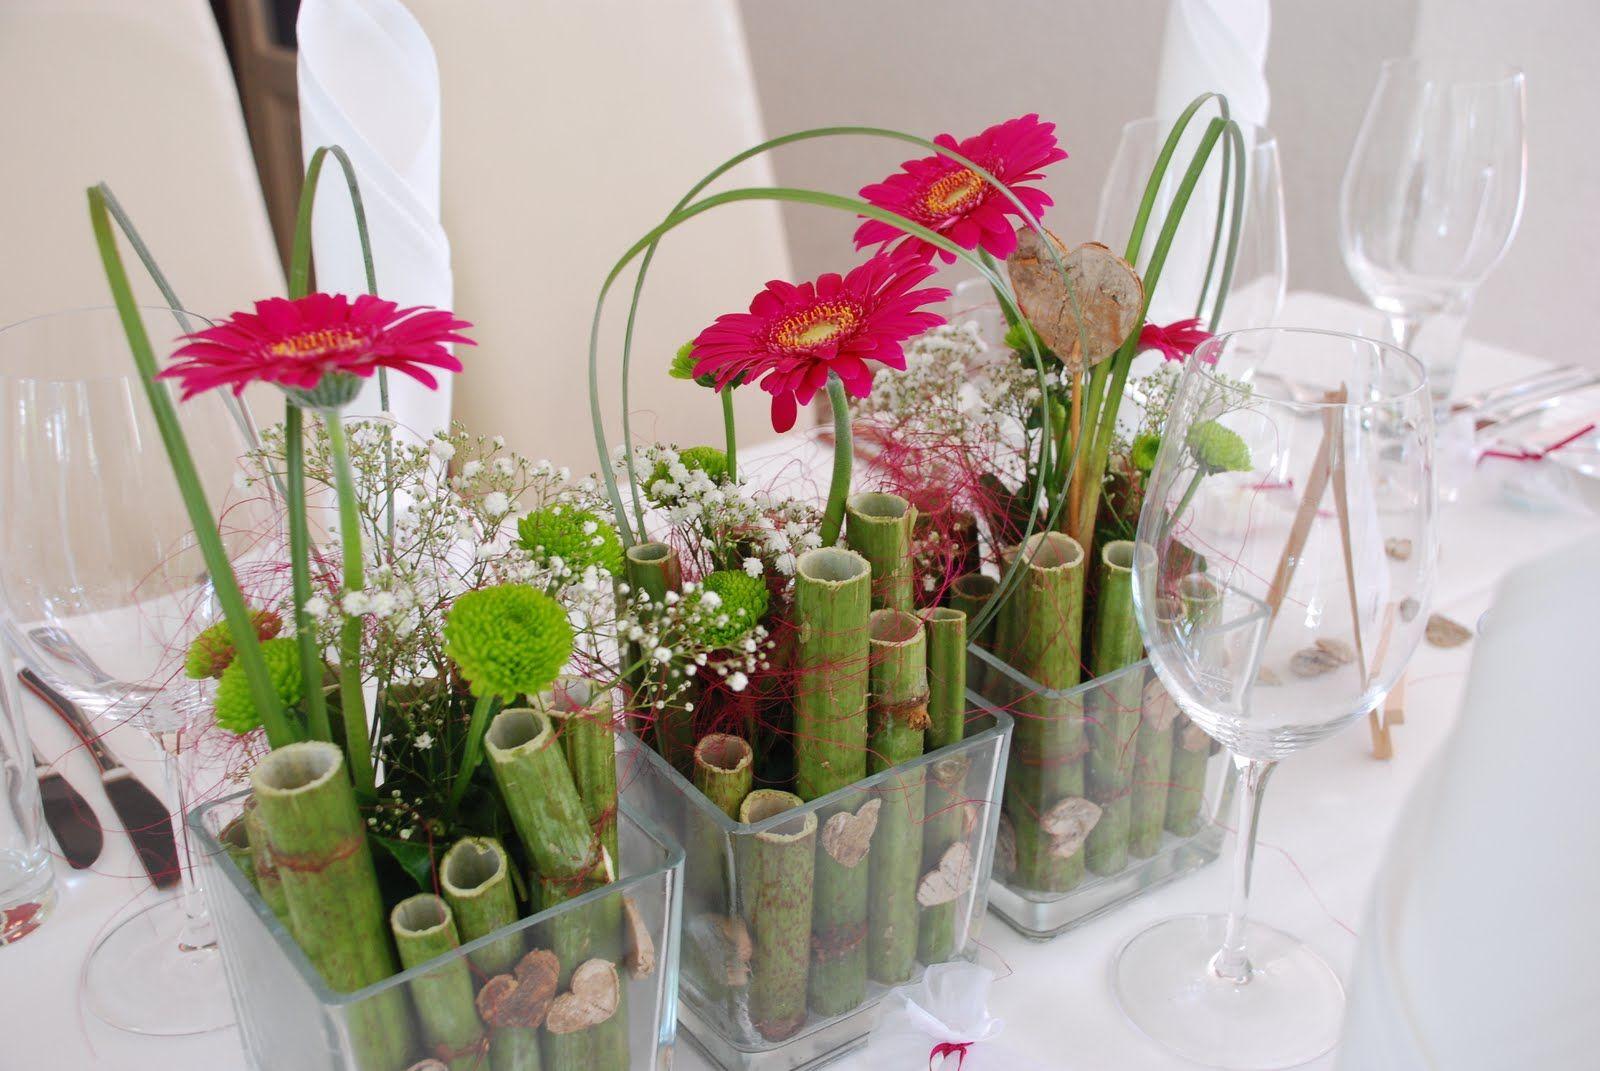 Tisch Deko Tulpen Moorevent Tischdekoration